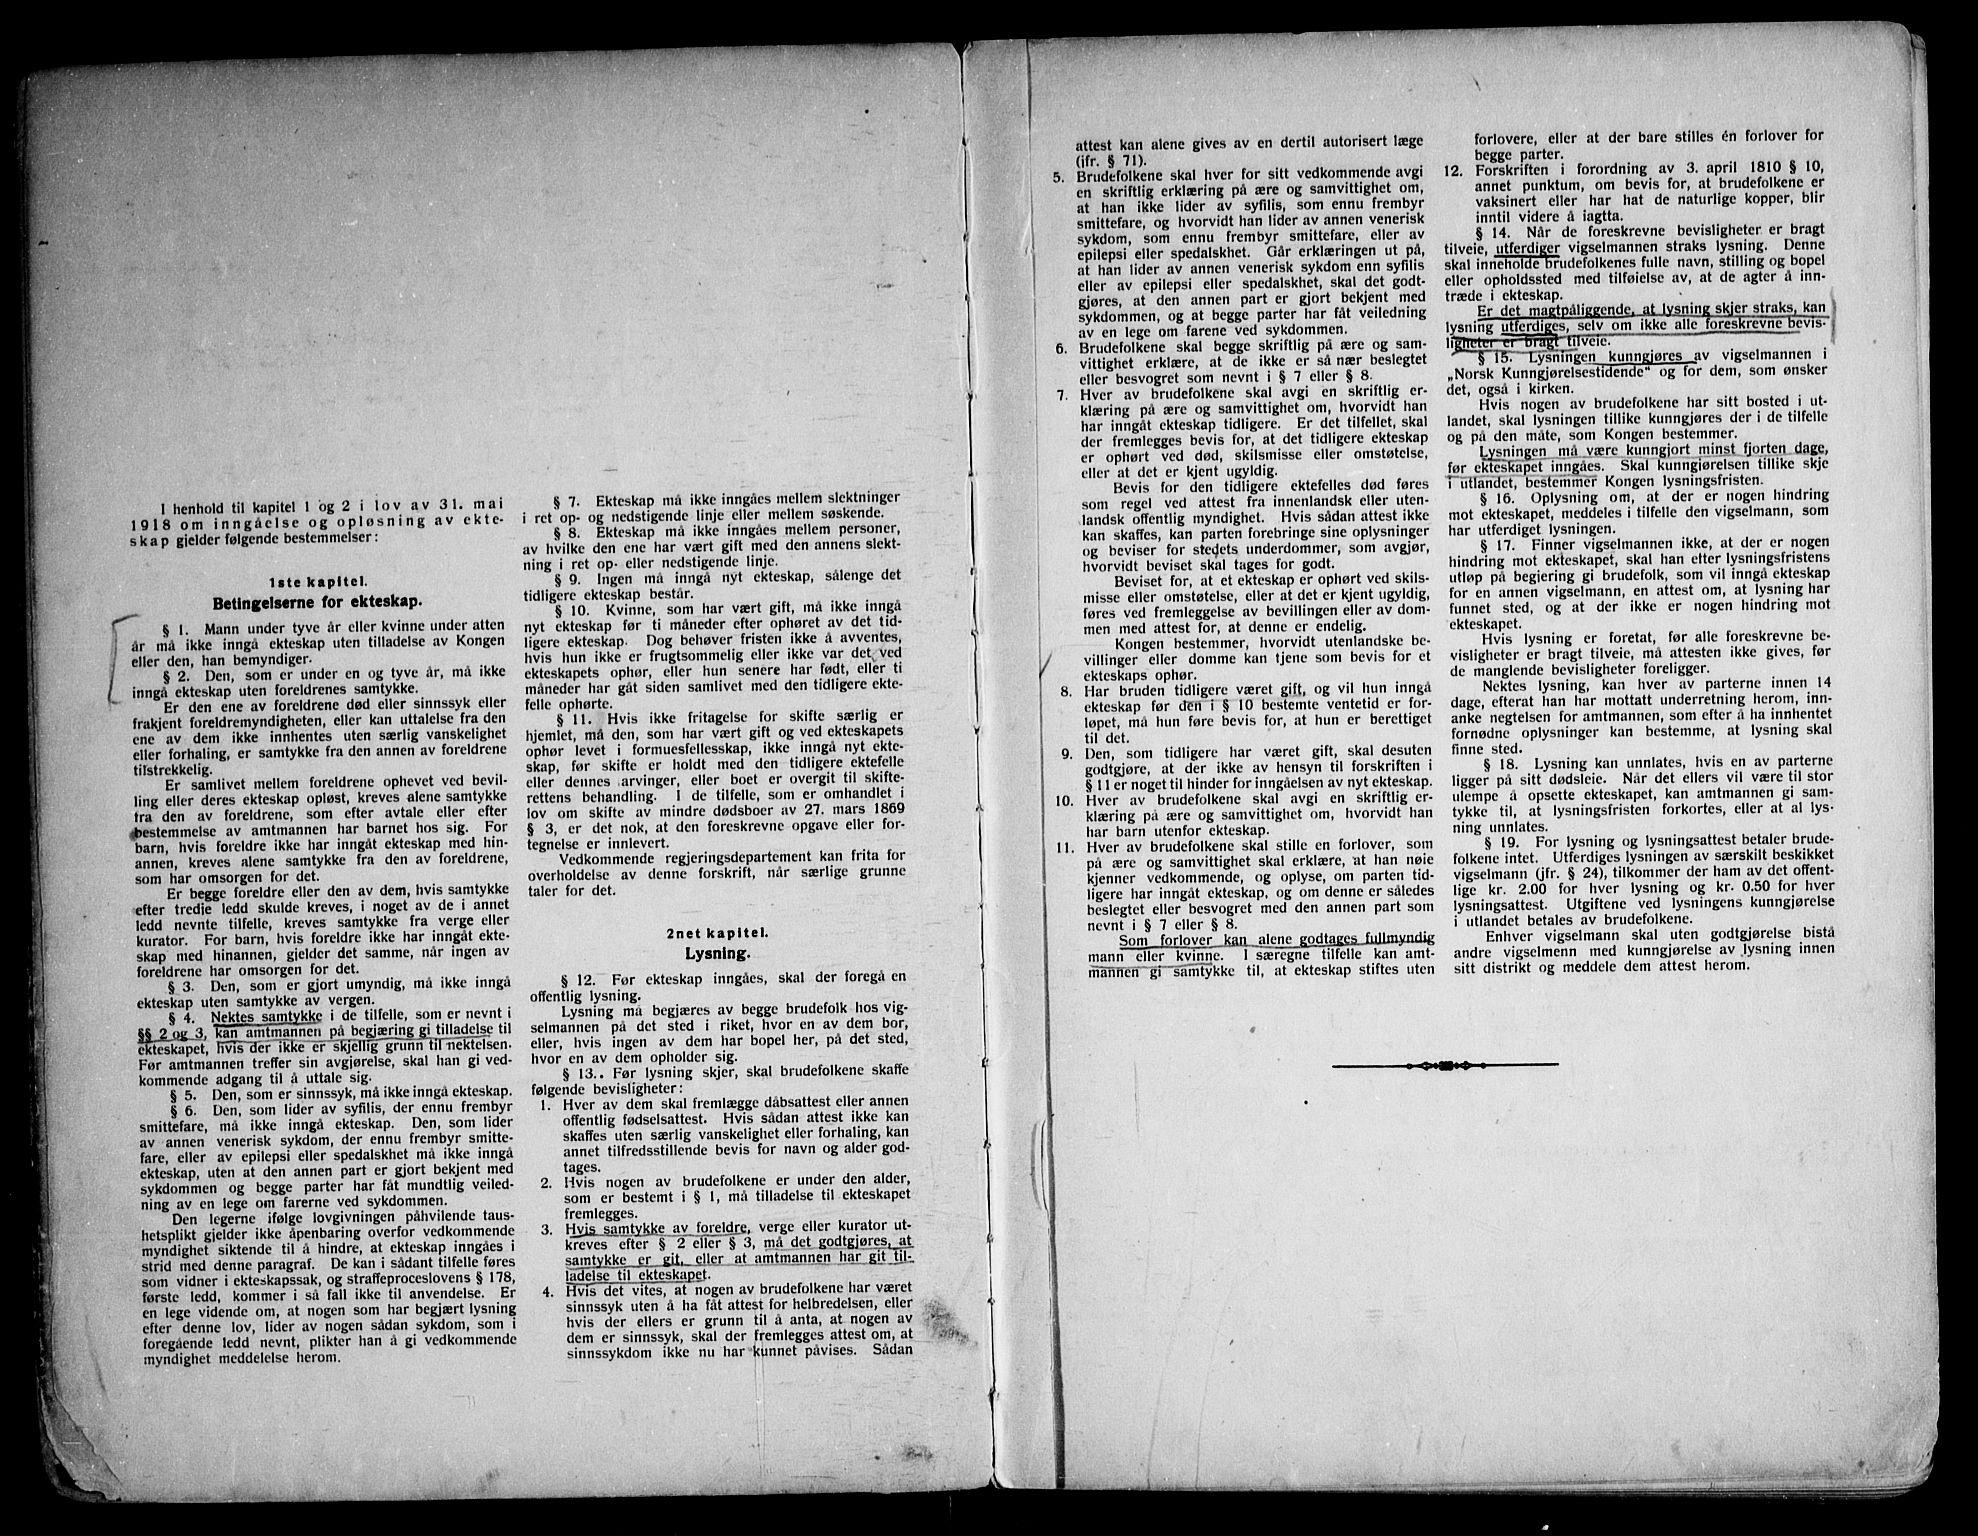 SAKO, Bø kirkebøker, H/Ha/L0001: Lysningsprotokoll nr. 1, 1920-1964